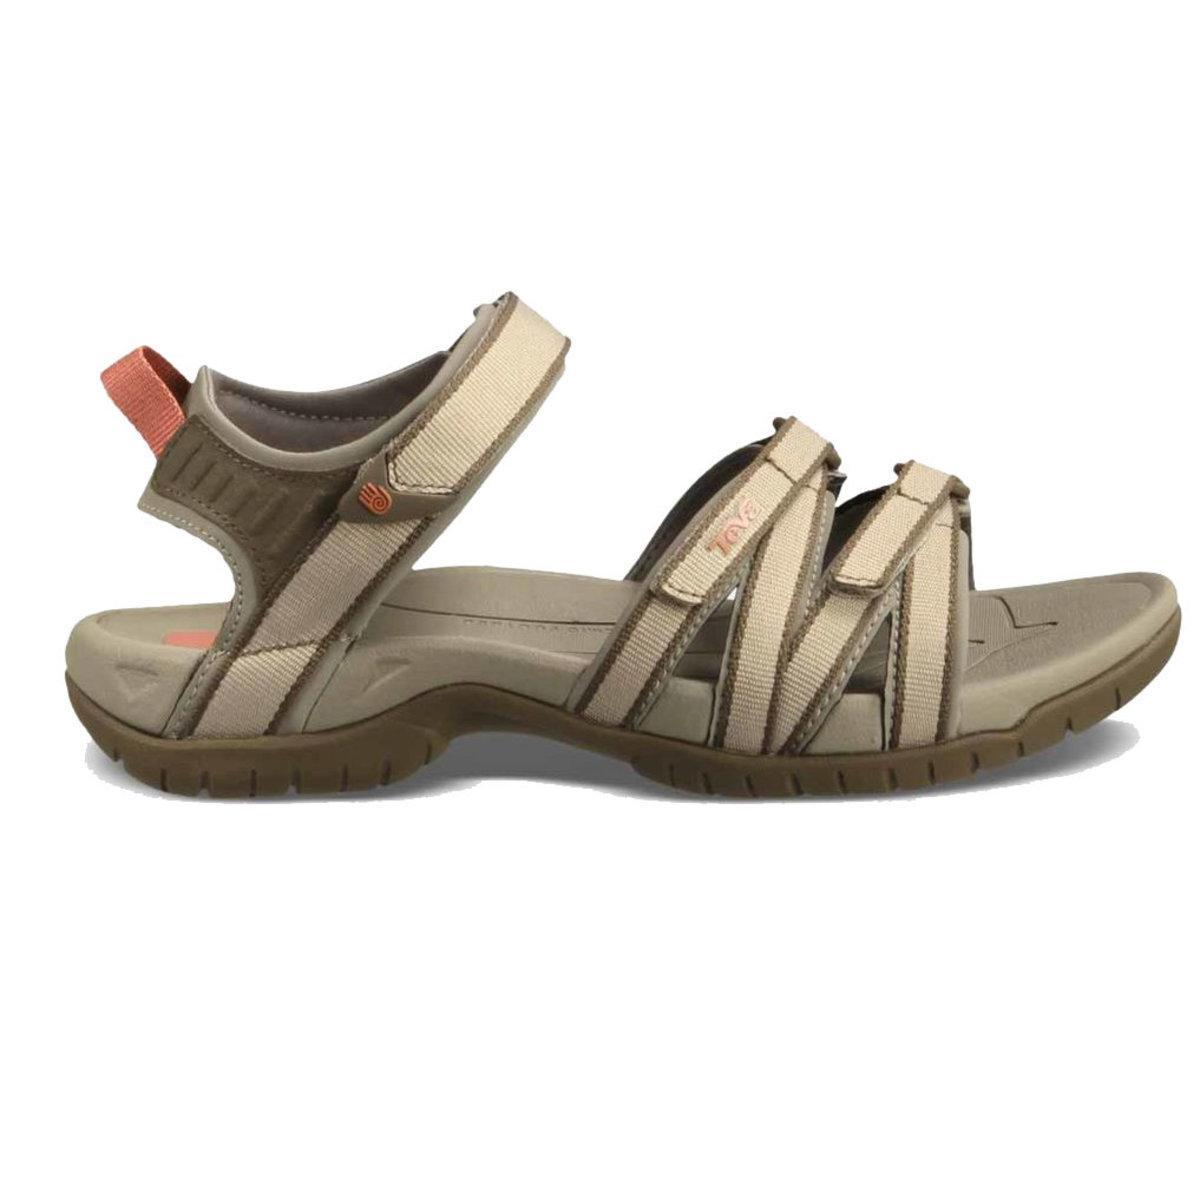 98b915f6f8105f Teva. Women s Tirra Water Sandal